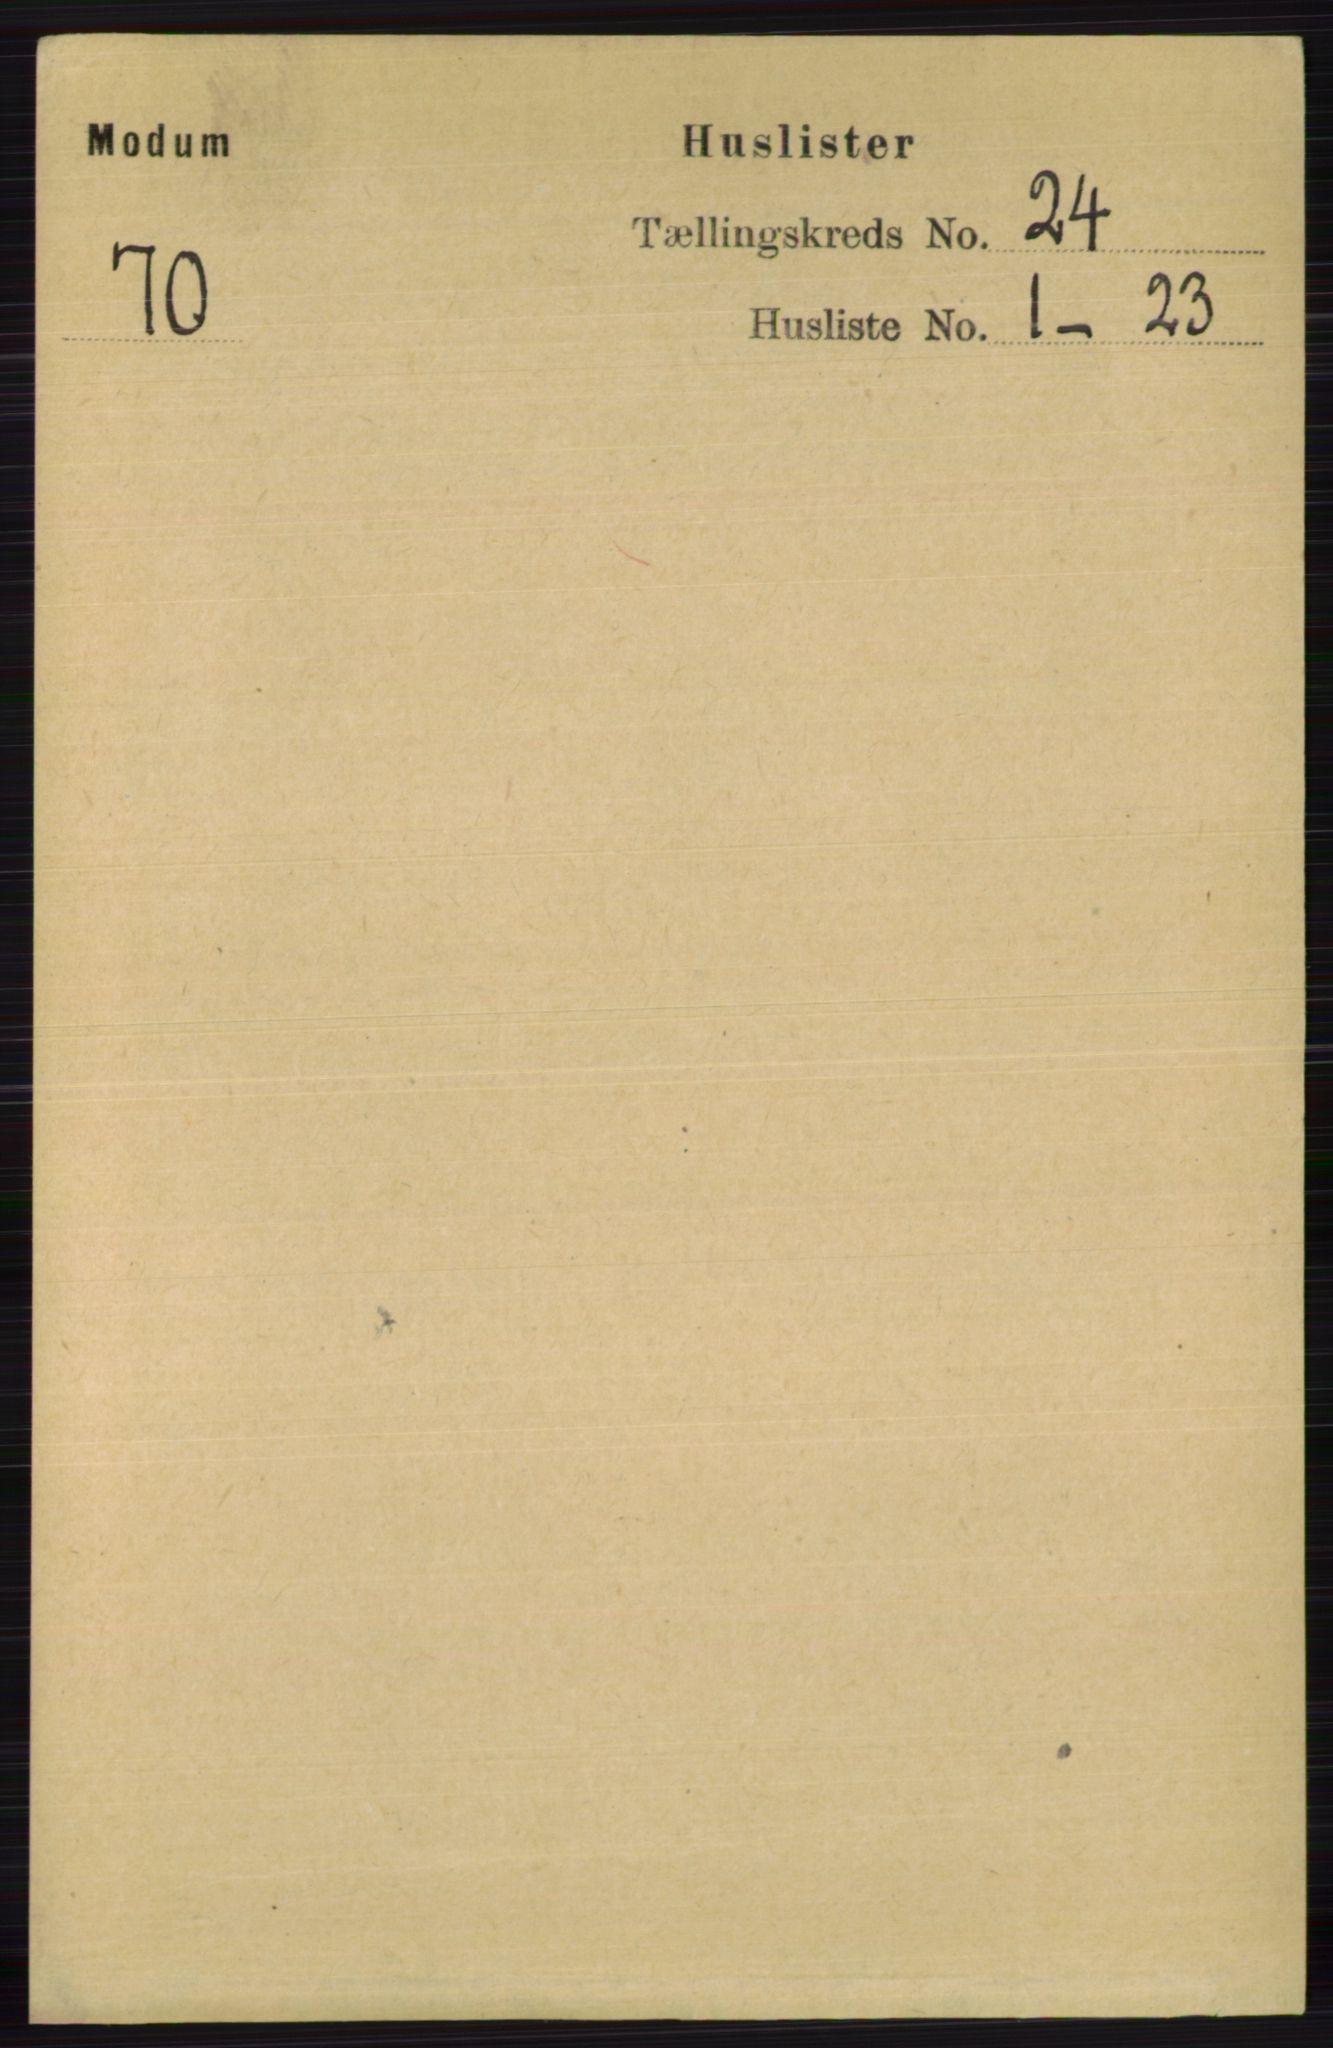 RA, Folketelling 1891 for 0623 Modum herred, 1891, s. 8816